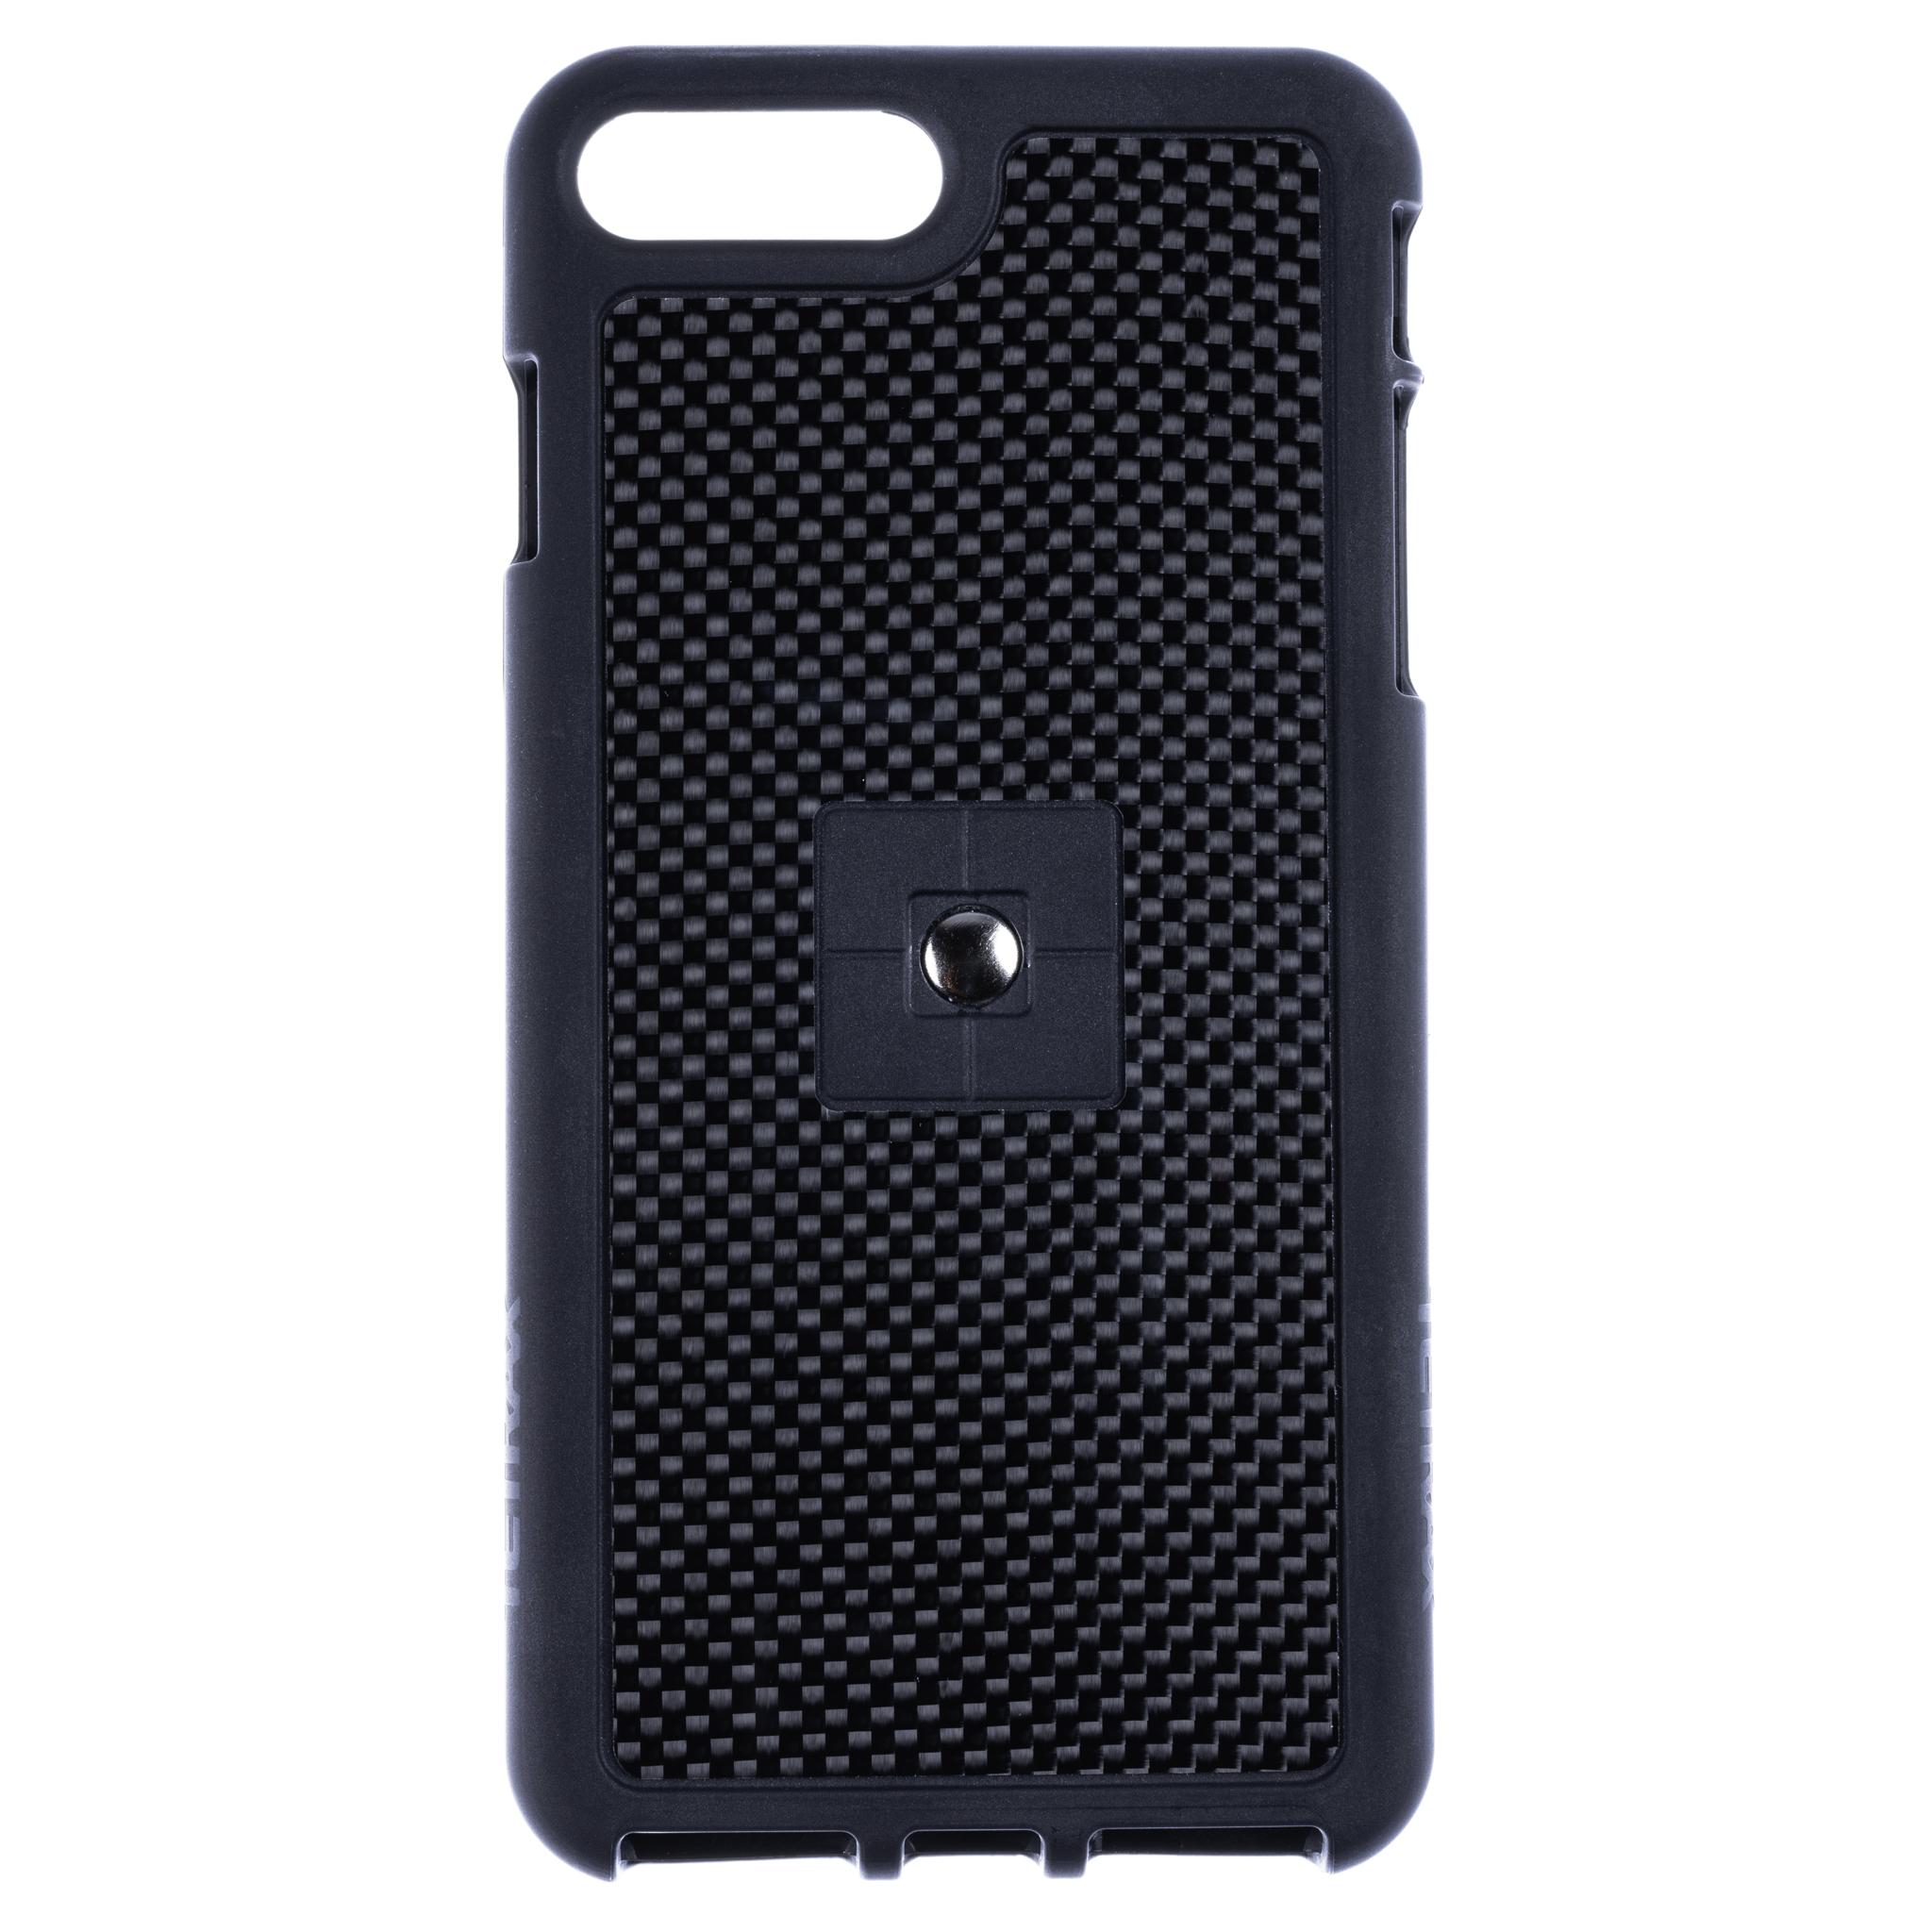 iPhone 8 Plus Carbon Fibre Case with Clip